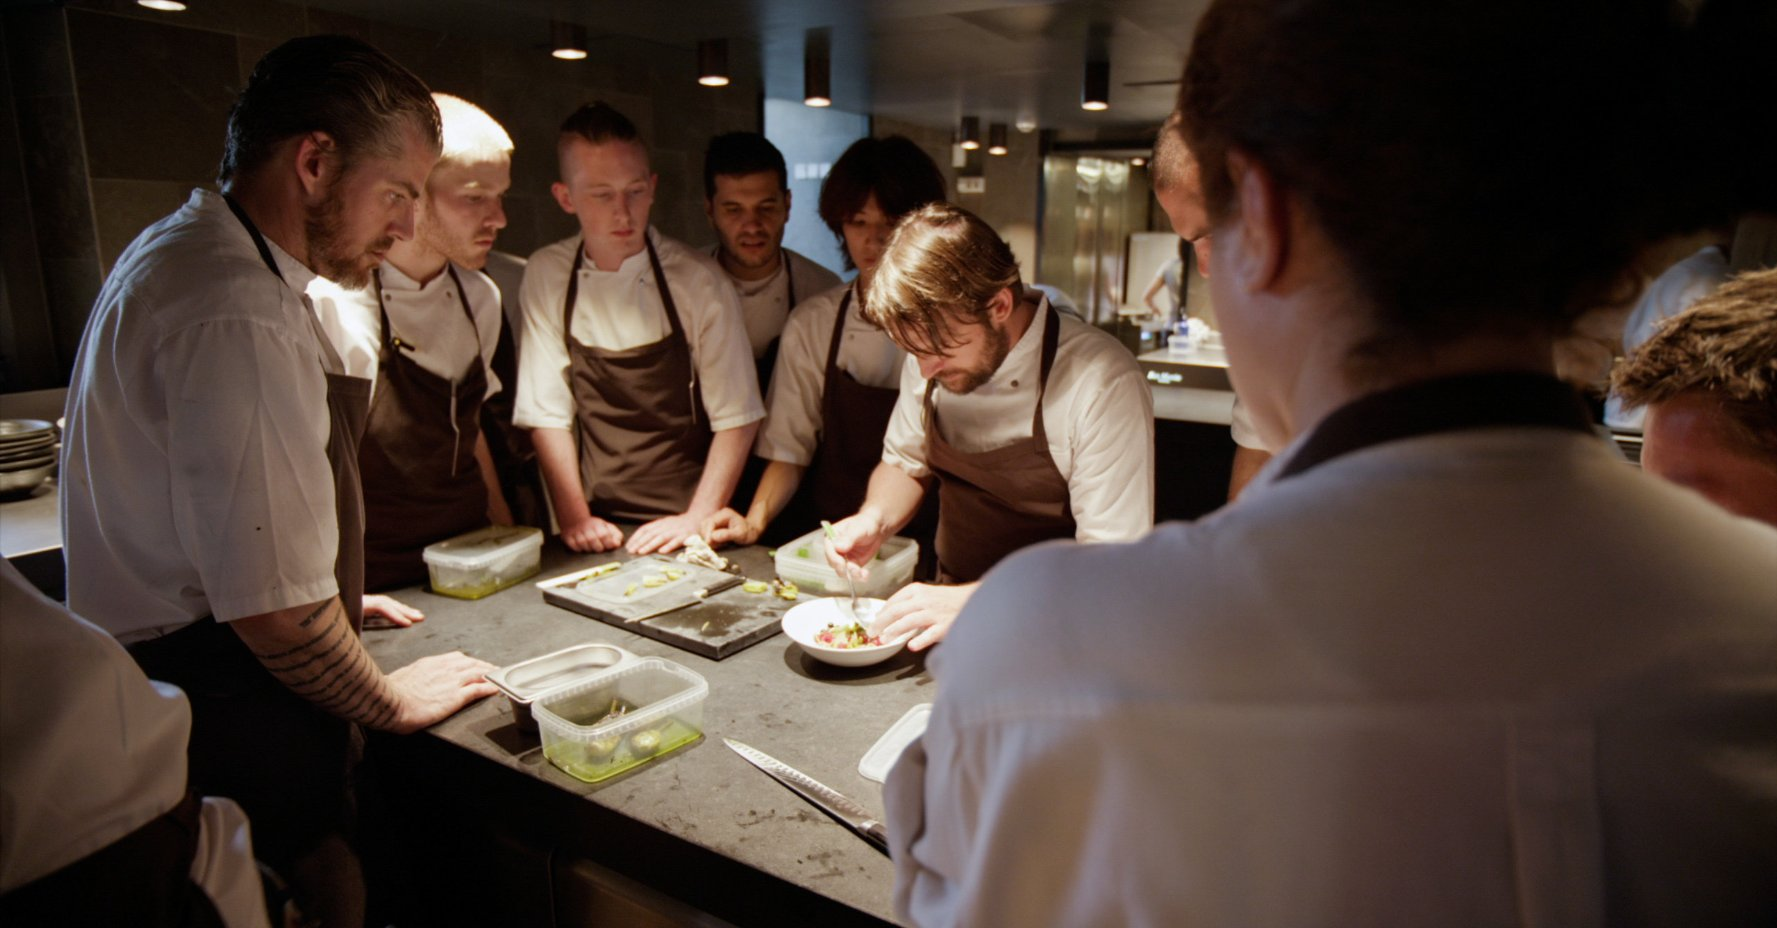 预告片 |《NOMA 美食风暴》11月上映,一起来感受北欧料理的魅力吧-乌贼派